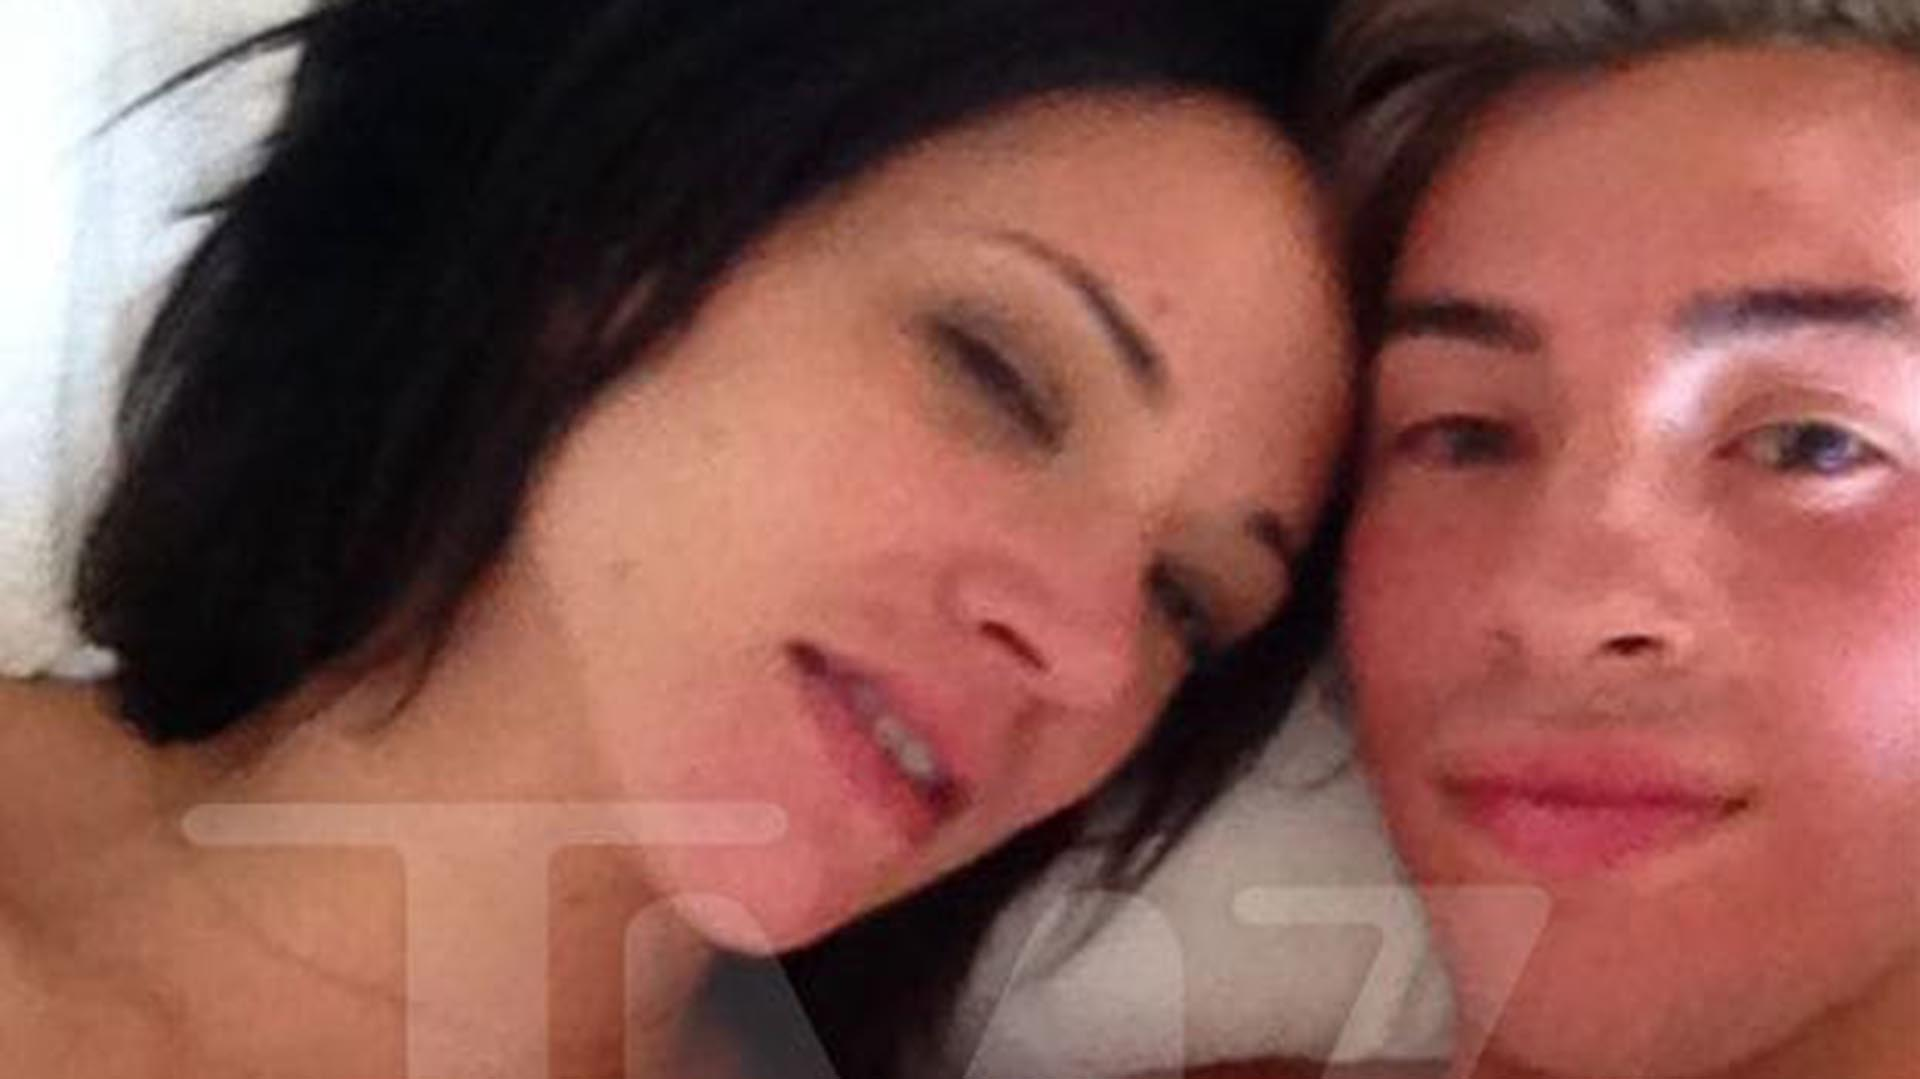 Una de las fotos que se filtraron del encuentro sexual entre Asia Argento y Jimmy Bennett